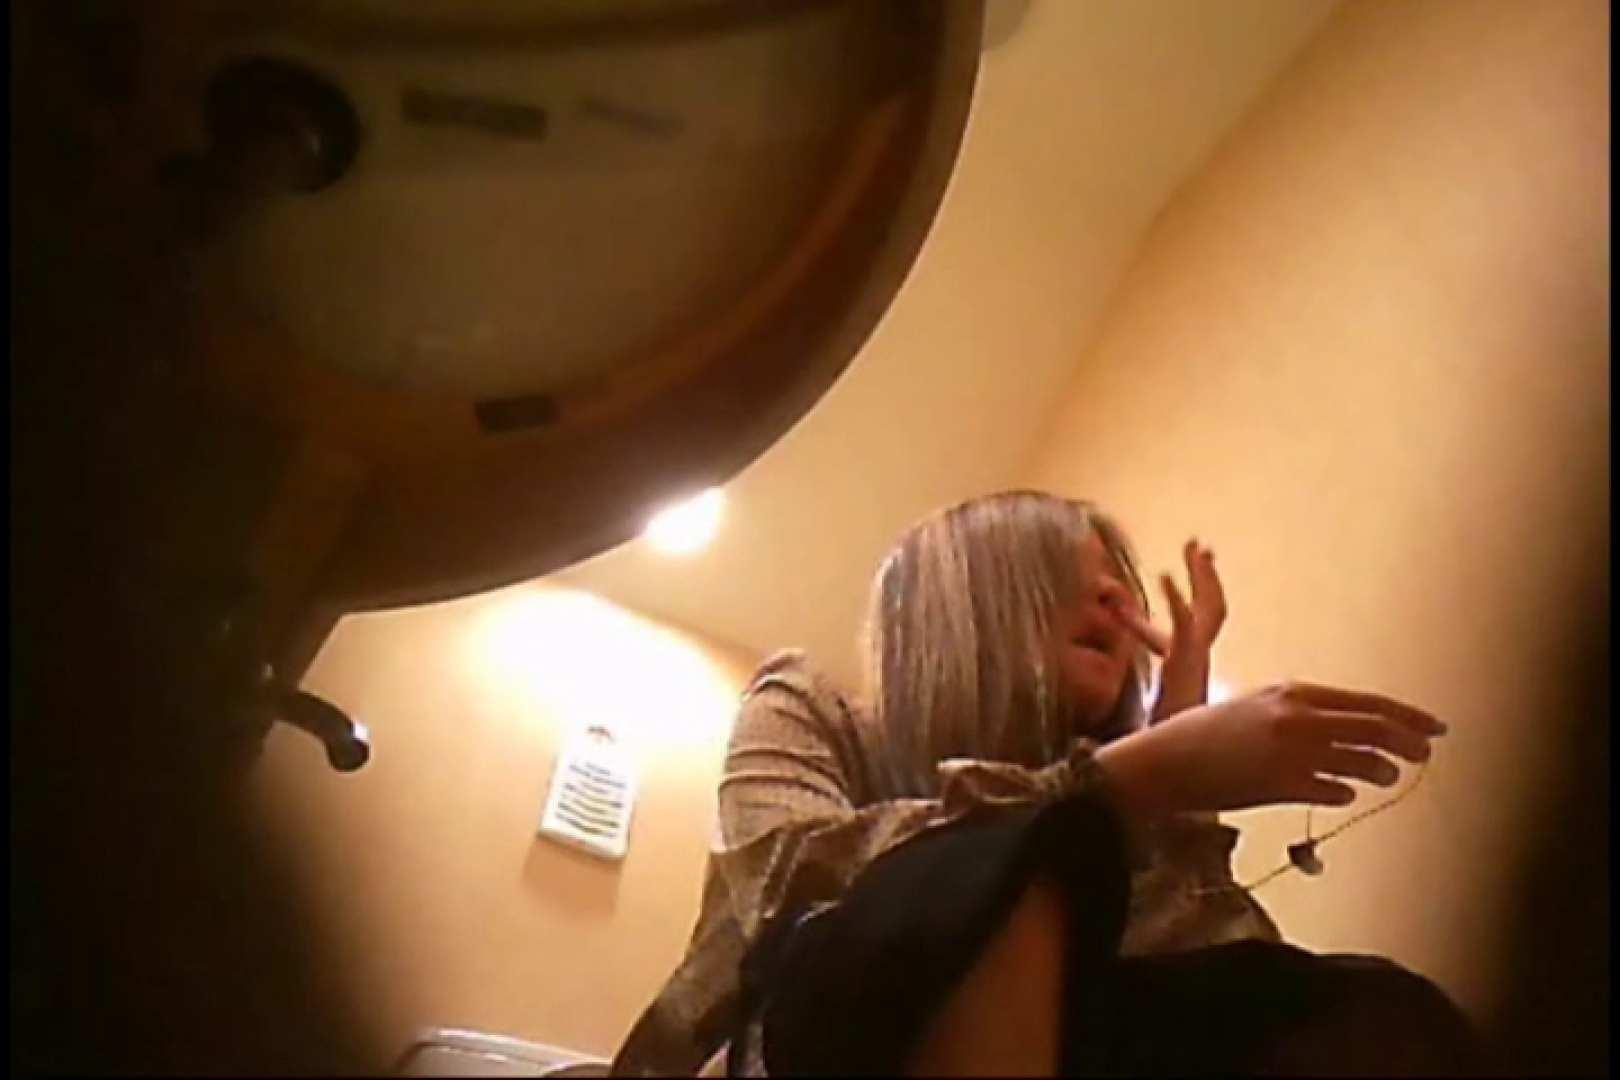 潜入!!女子化粧室盗撮~絶対見られたくない時間~vo,111 ぽっちゃり ヌード画像 100画像 80